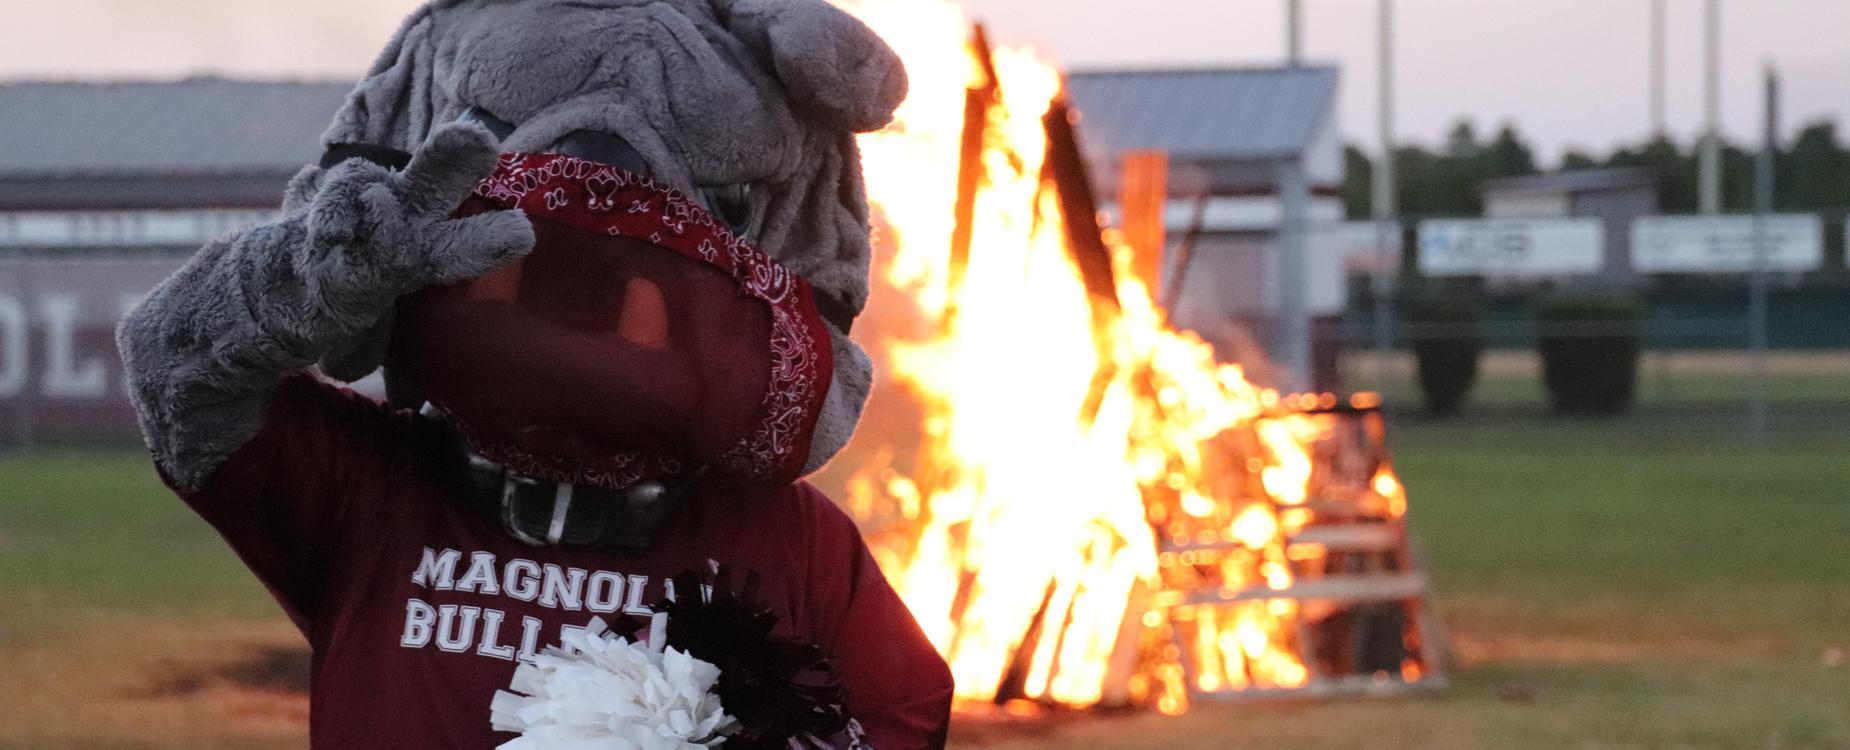 Bulldog at the bonfire